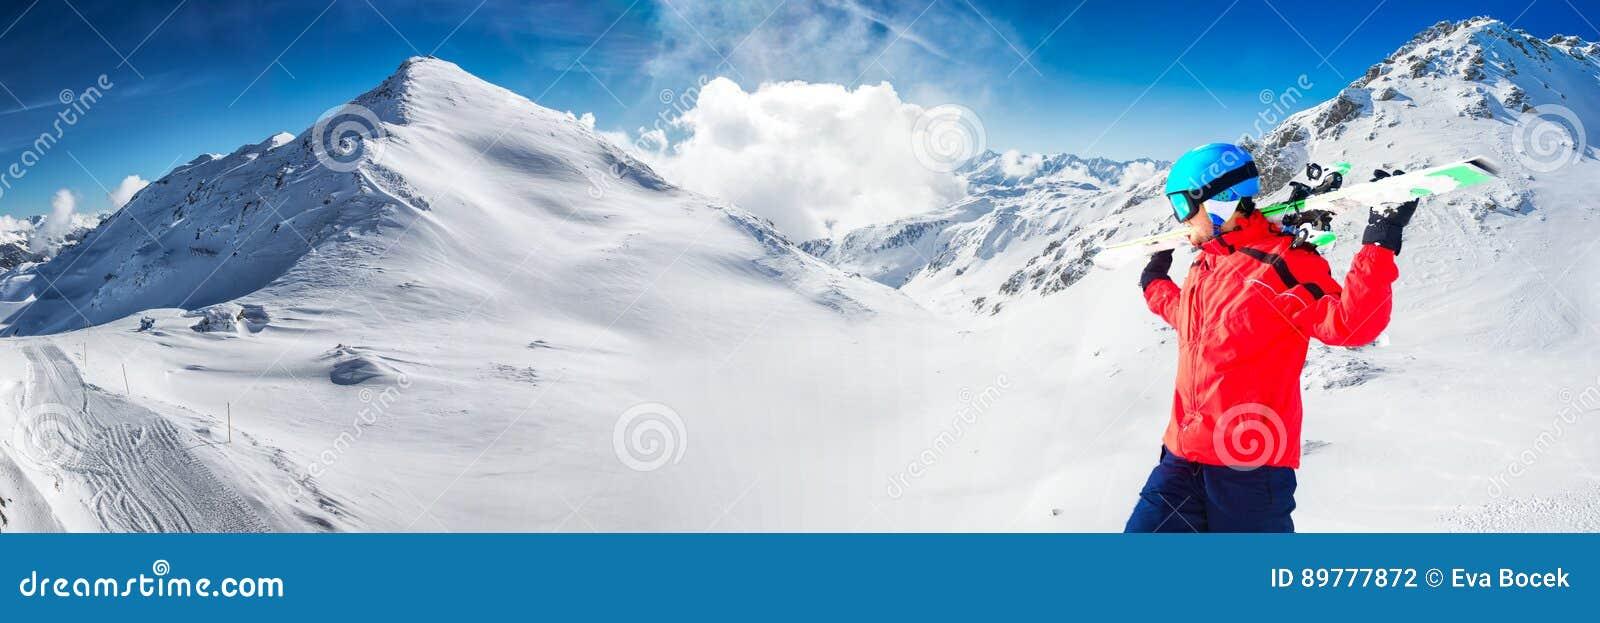 Equipe a apreciação da vista impressionante antes de esquiar no resor famoso do esqui